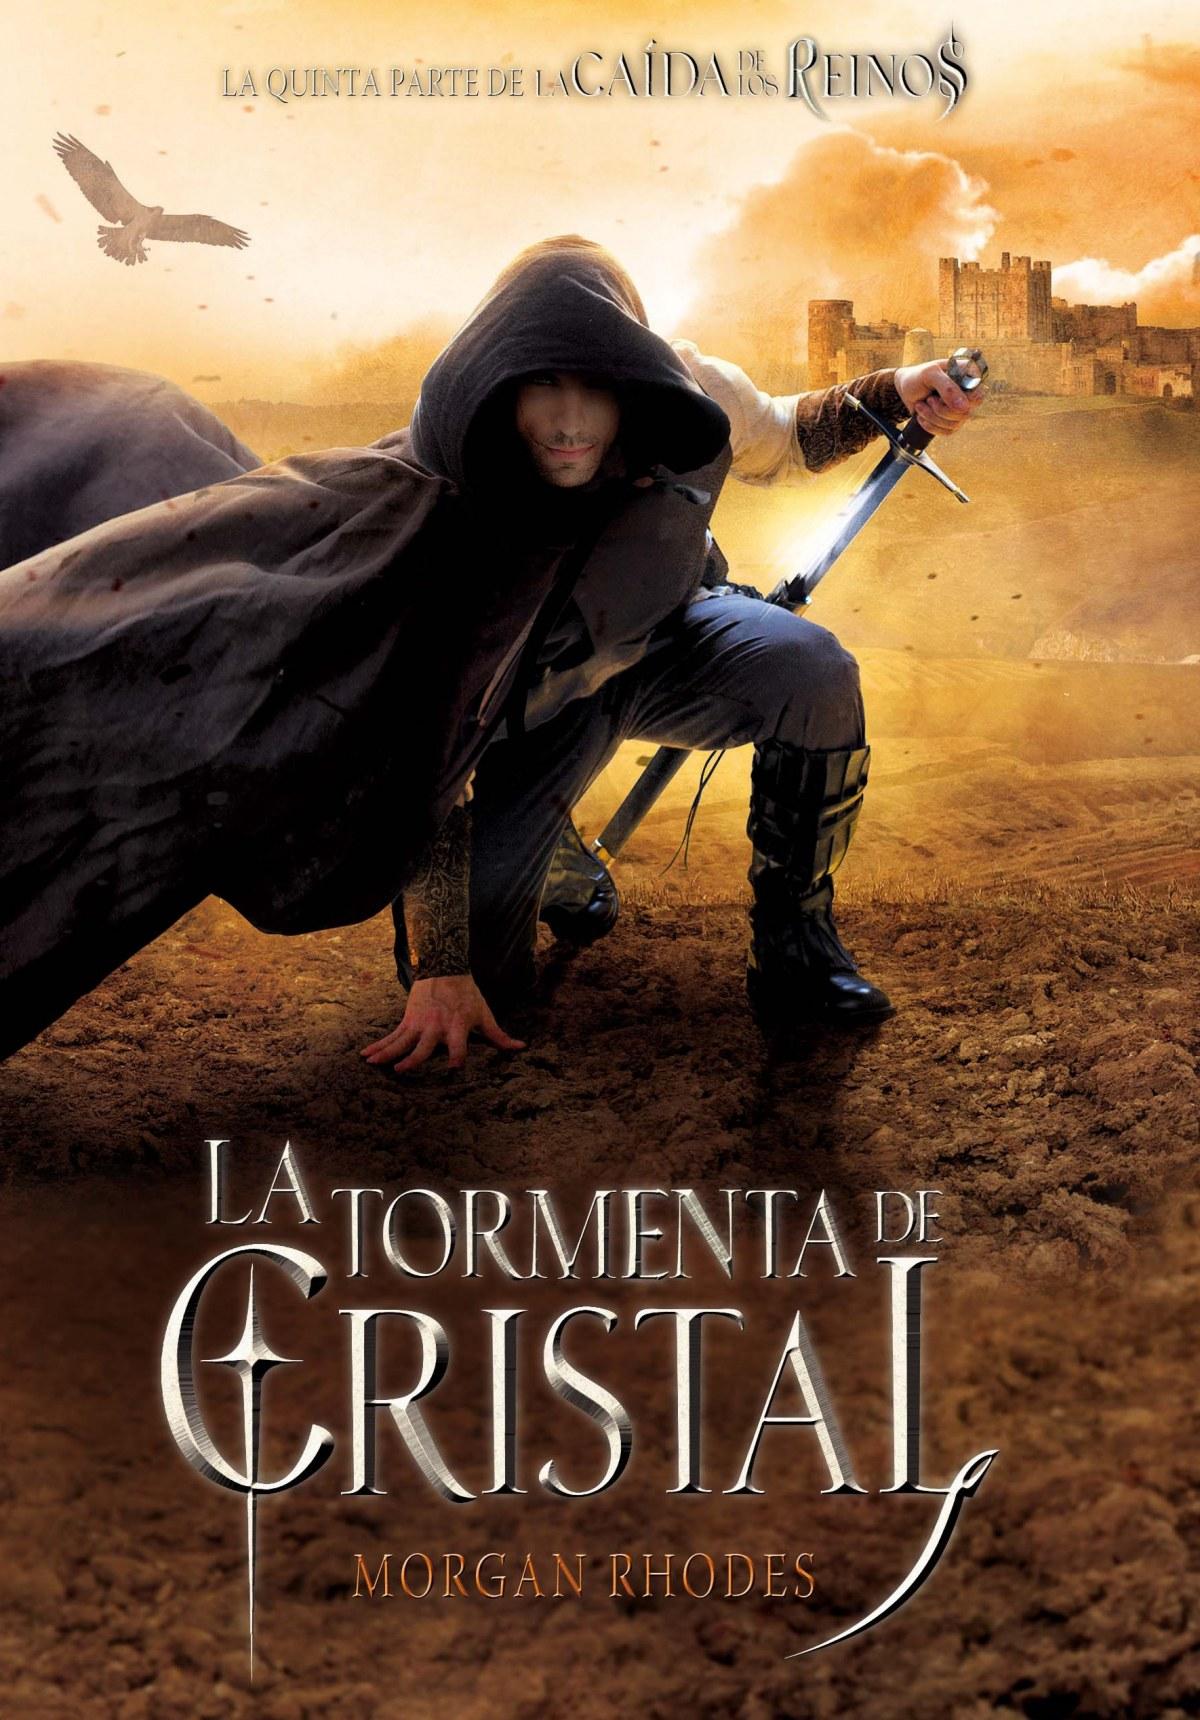 LA TORMENTA DE CRISTAL 9788467597424